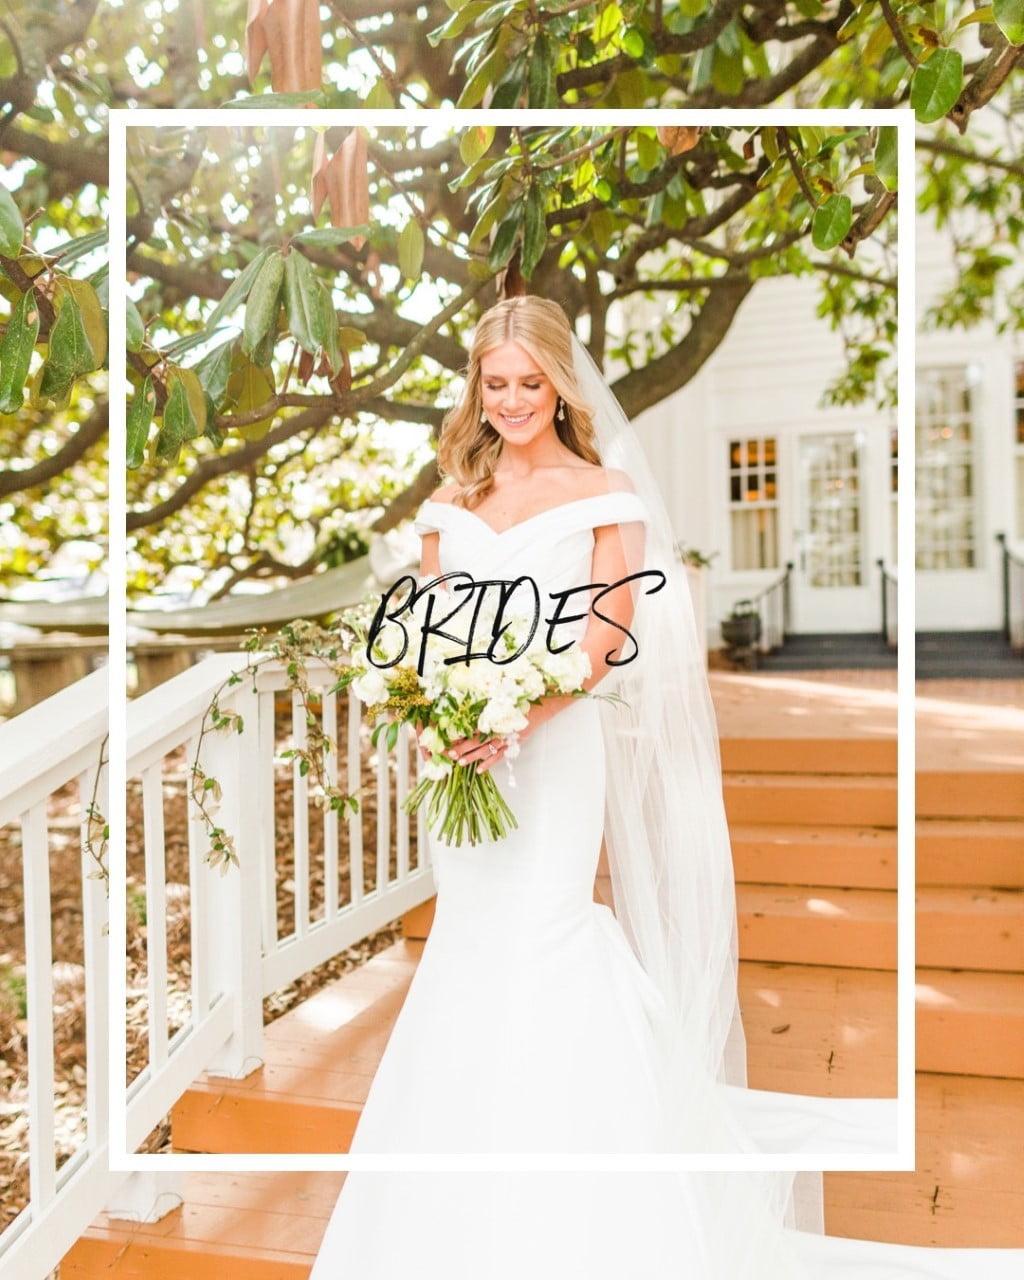 """the word """"Brides"""" over a photo of a bride in a garden"""